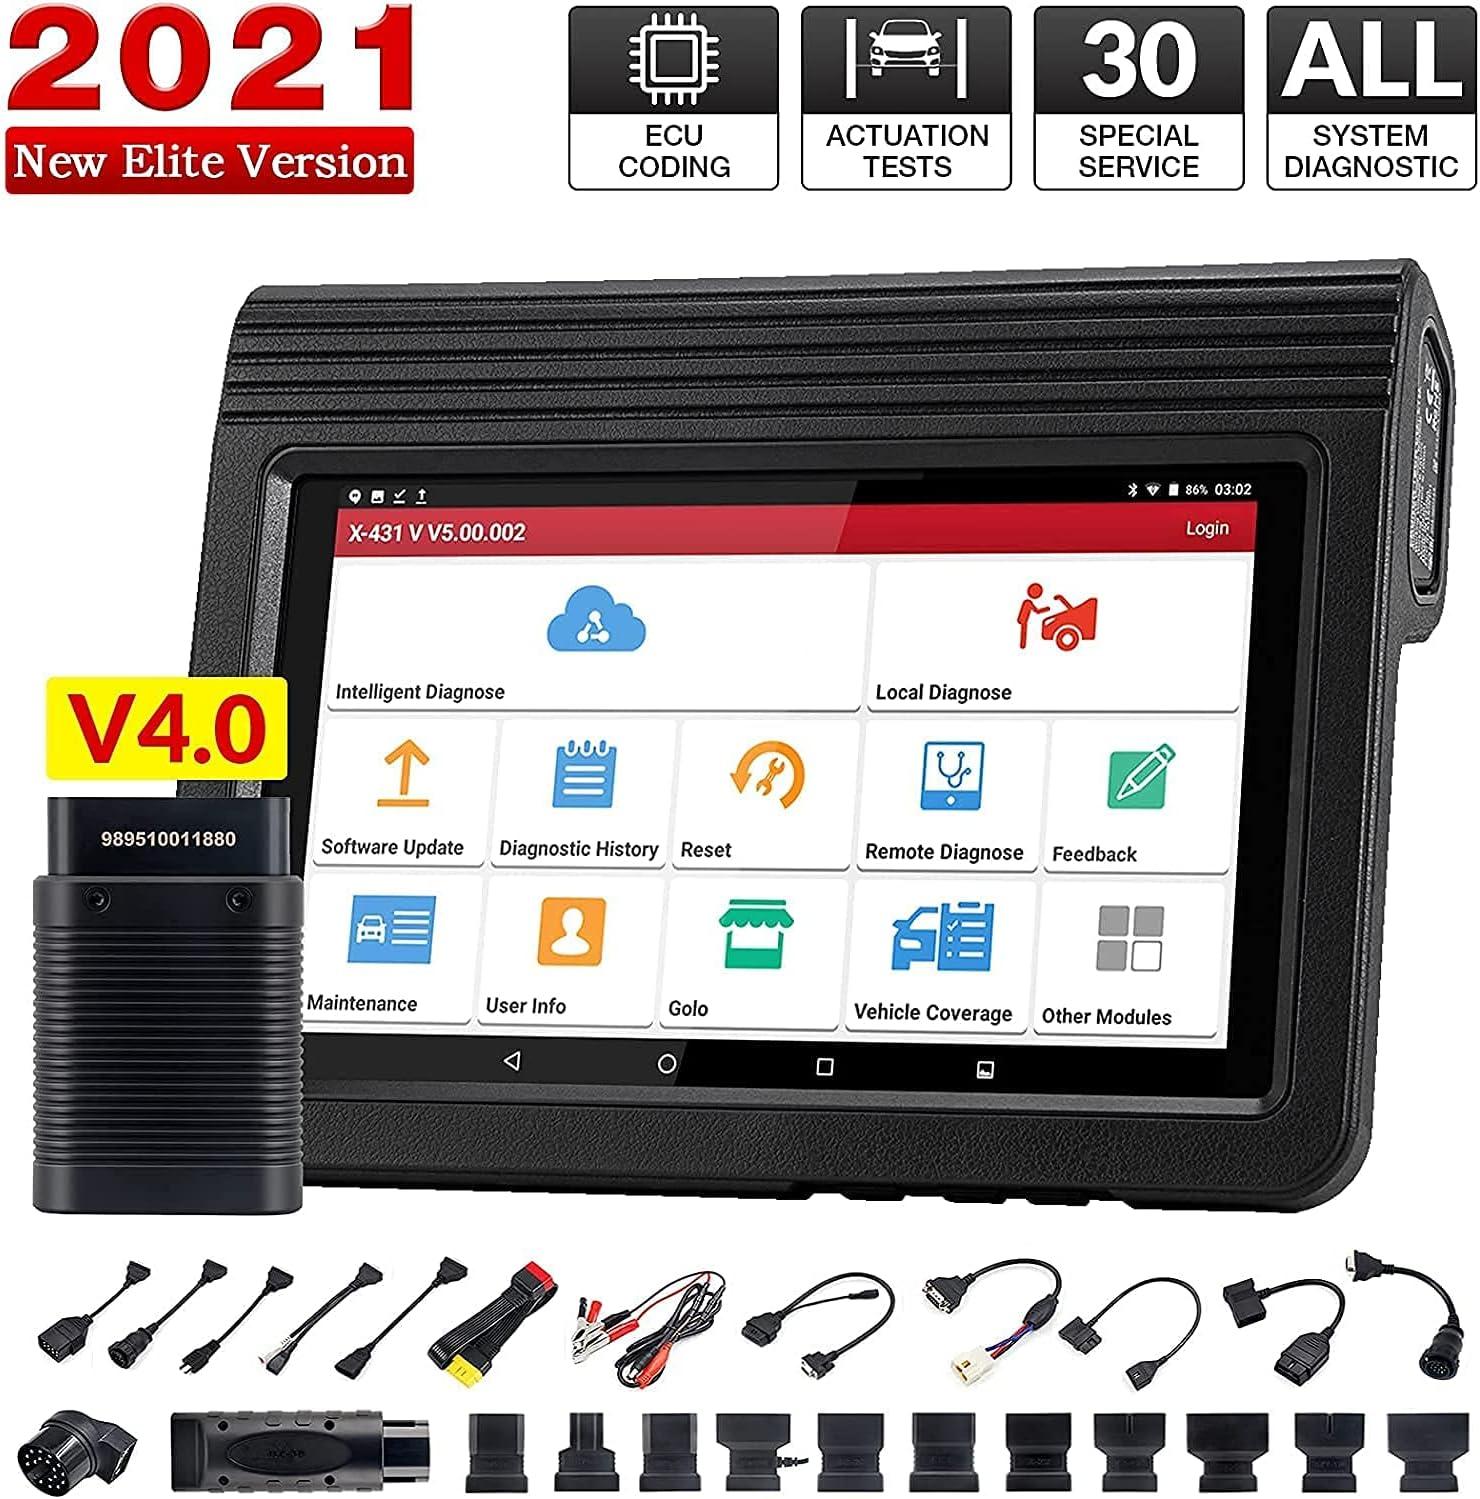 LAUNCH X431 V 4.0 Máquina Profesional Diagnosis Coche multimarca OBD2 Escáner Bluetooth de Sistema Completo, codificación ECU, Prueba Activa, Servicio 30+ Reset, Actualización WiFi ,Auto Vin